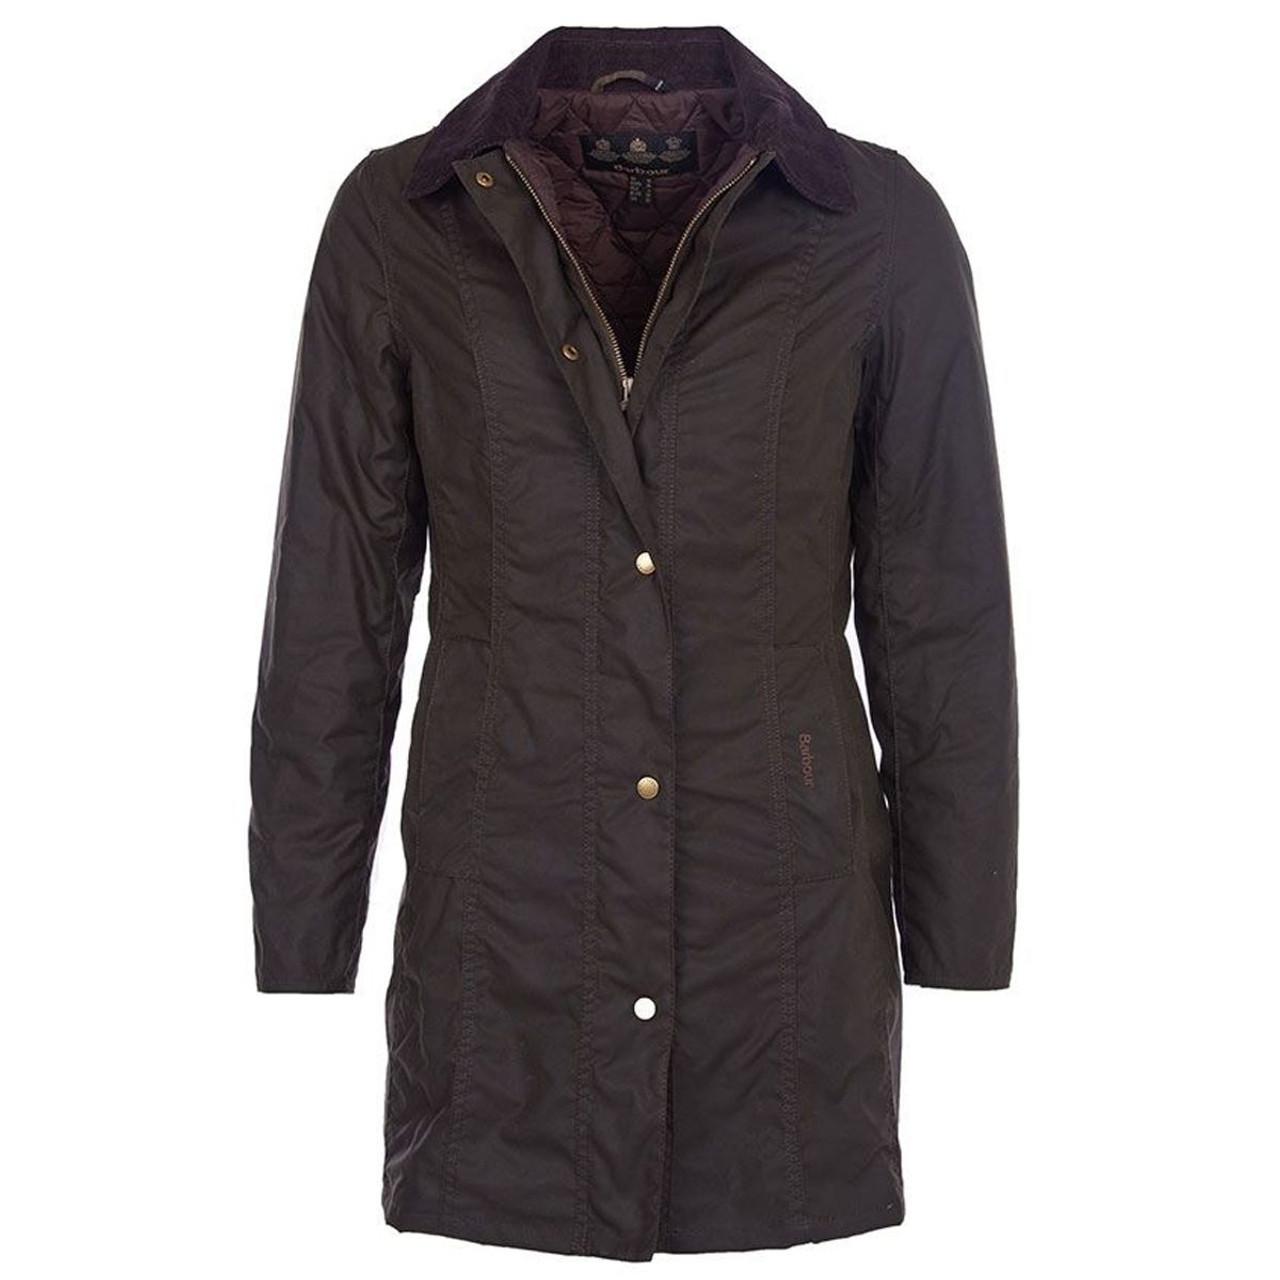 Barbour Belsay Wax Jacket